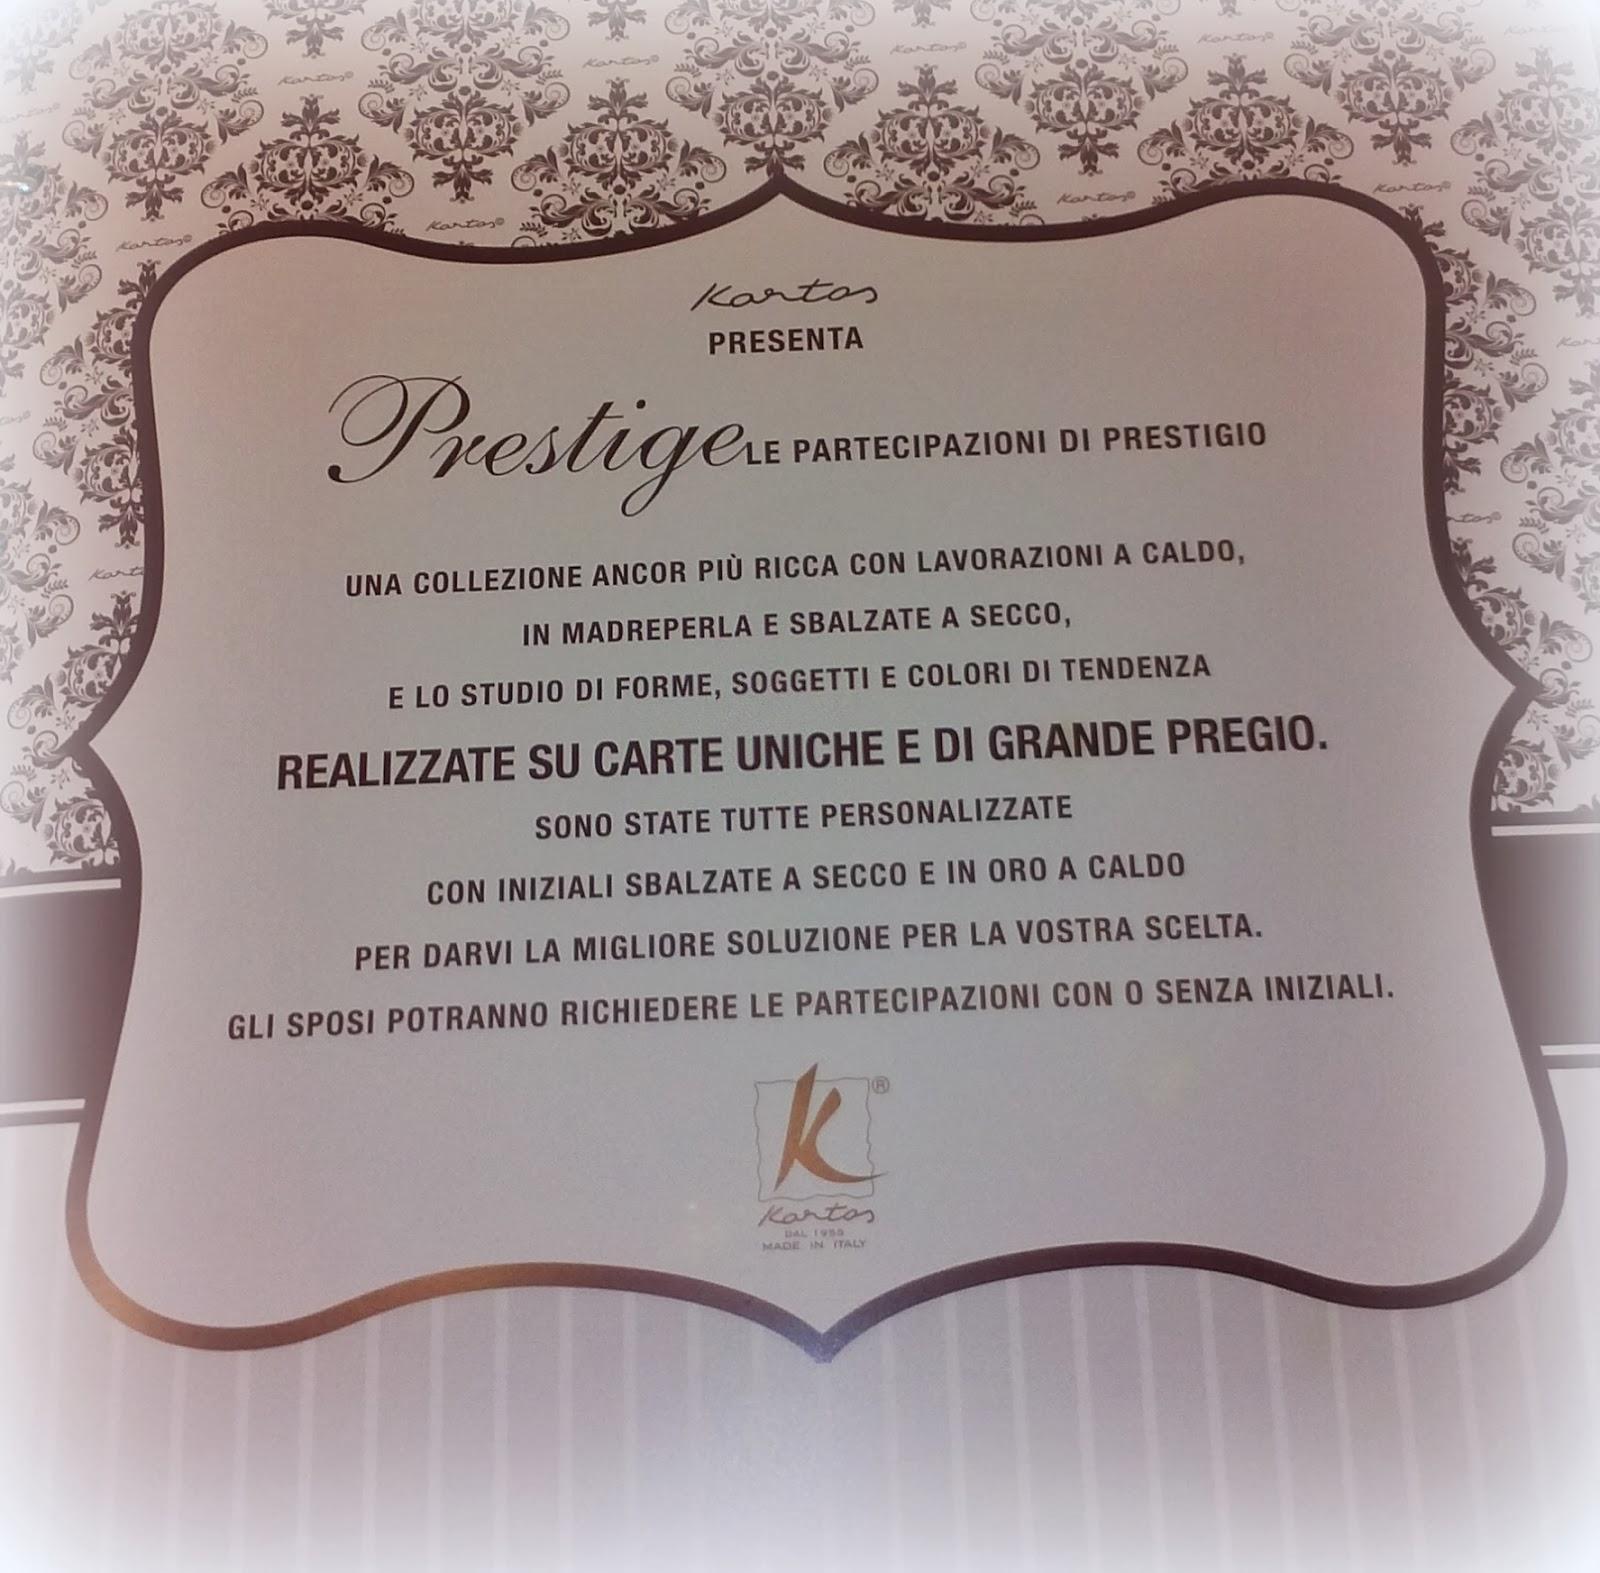 Frasi Auguri Matrimonio Originali : Frasi per matrimonio originali